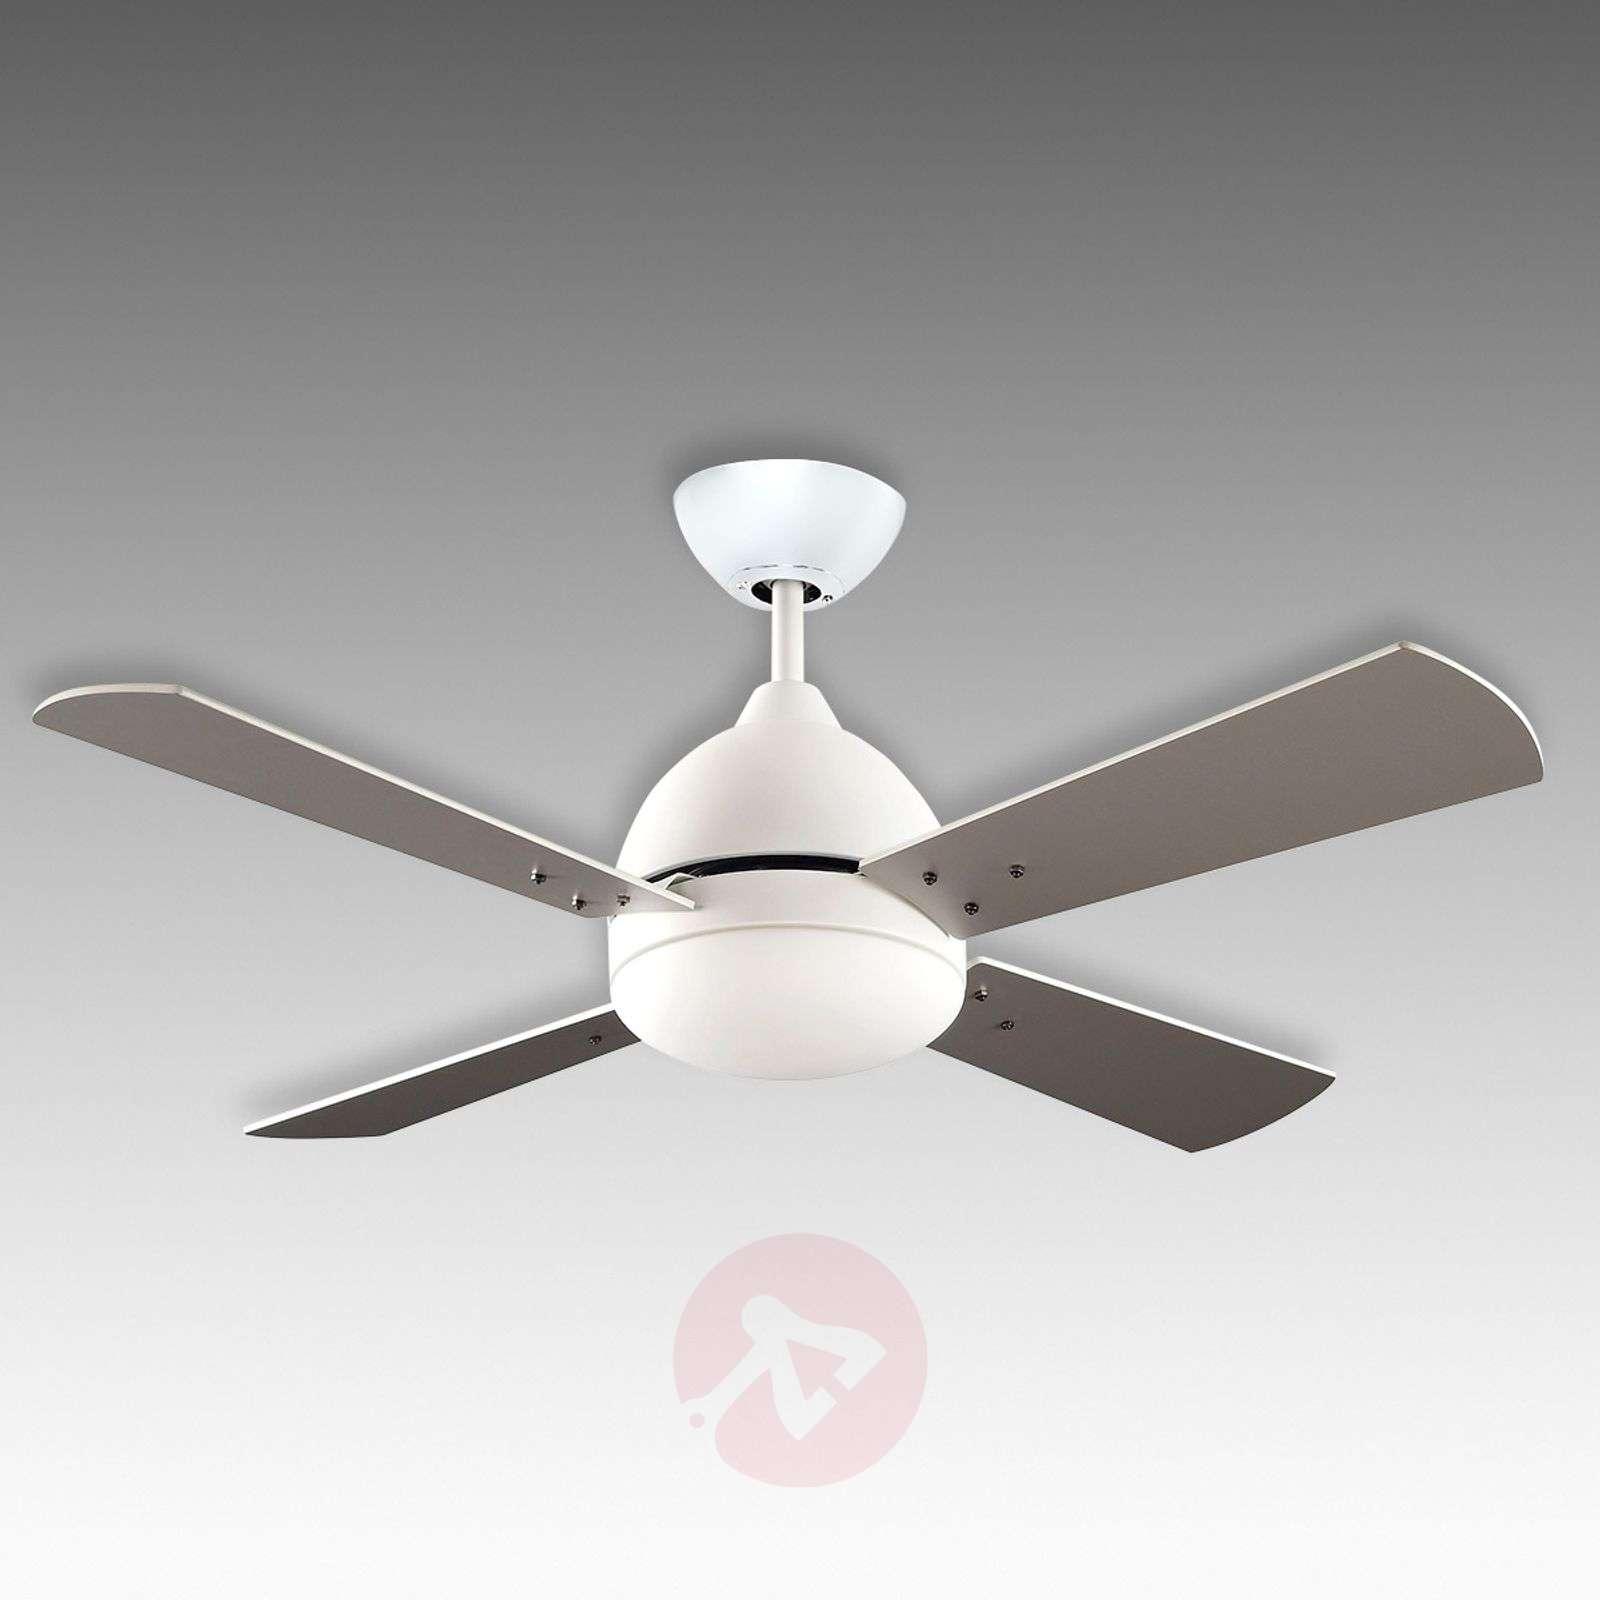 Valkoinen Borneo-kattoventilaattori valolla-6026517-01